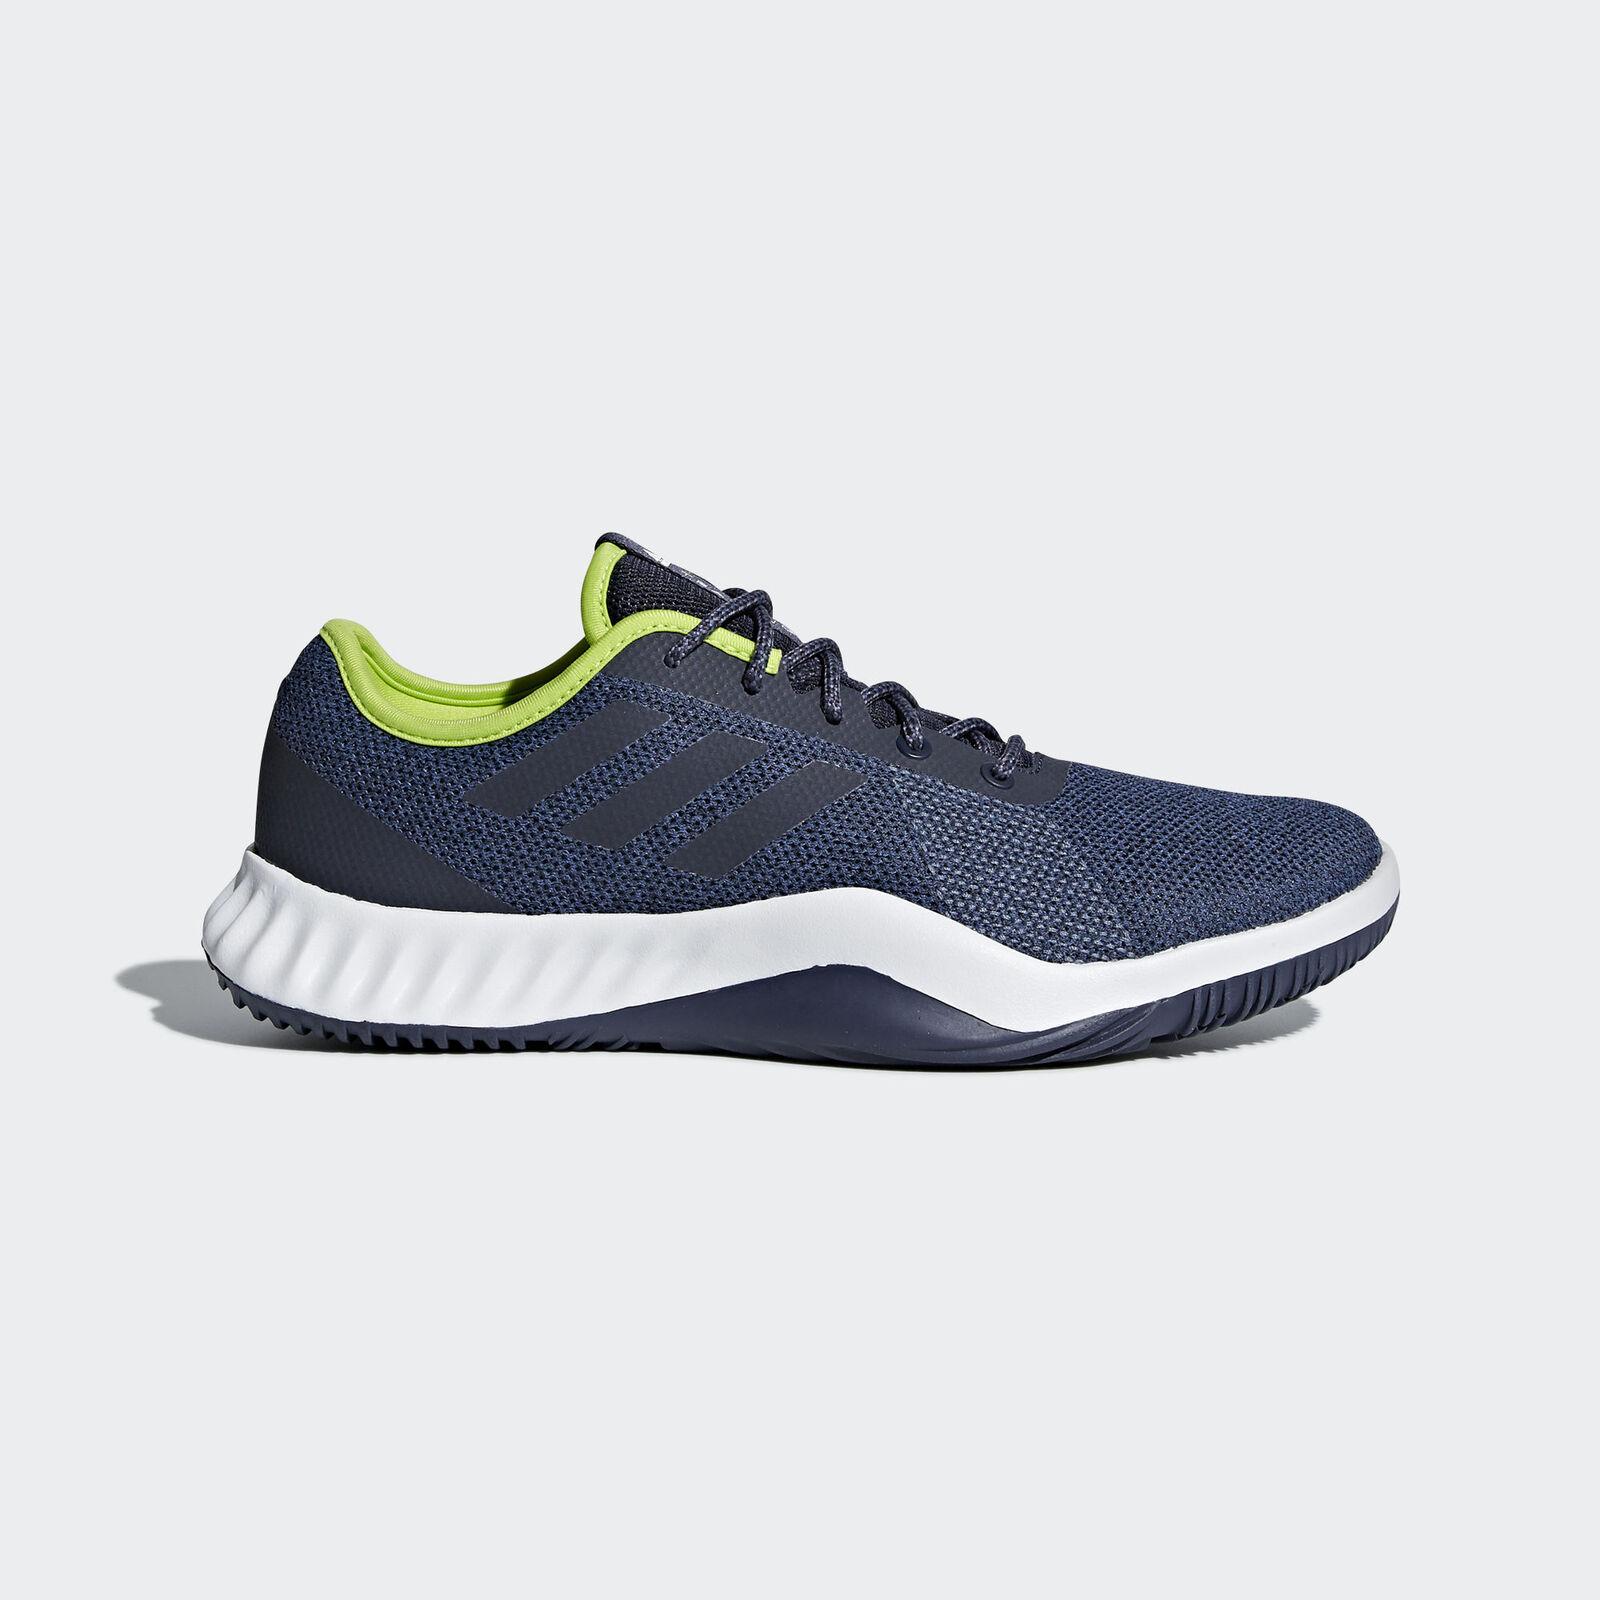 cf7a6b74f2c Adidas Crazytrain LT M  CG3492  Men Men Men Training Shoes Trace Blue Solar